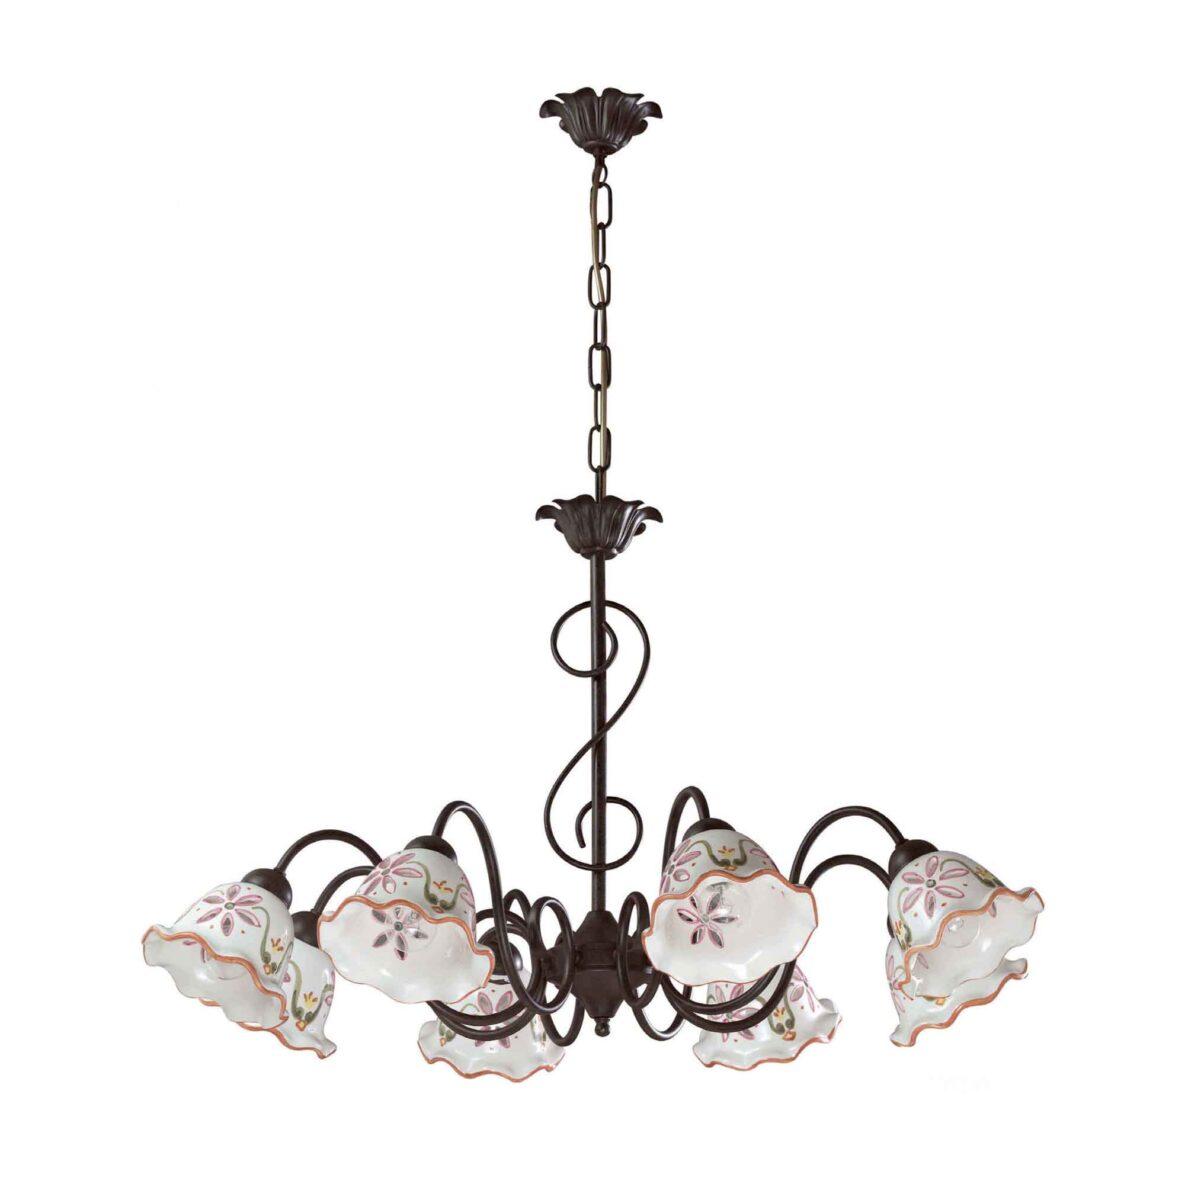 fabbrica lampadari : home shop lampadari lampadari in ceramica lampadari fabbrica napoli ...